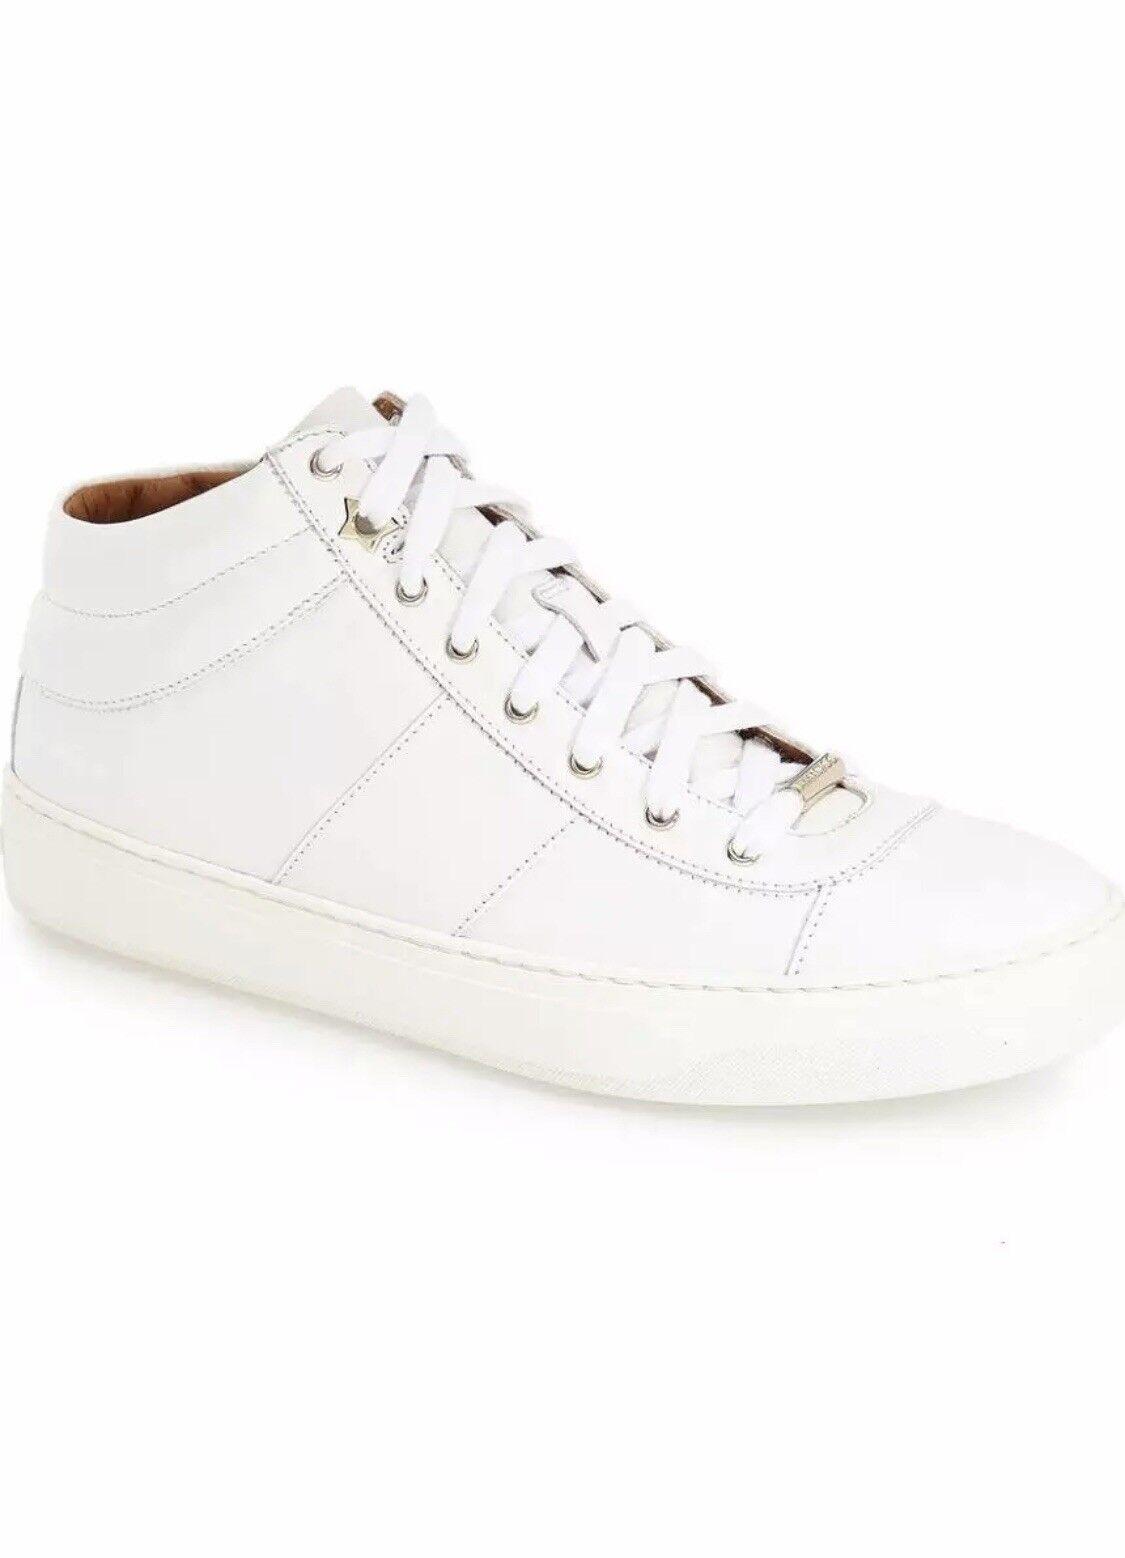 Jimmy Choo Bells, zapatillas de cuero de mediana y Alta Edad, 38,5 a 7,5 metros de Italia blancoa.